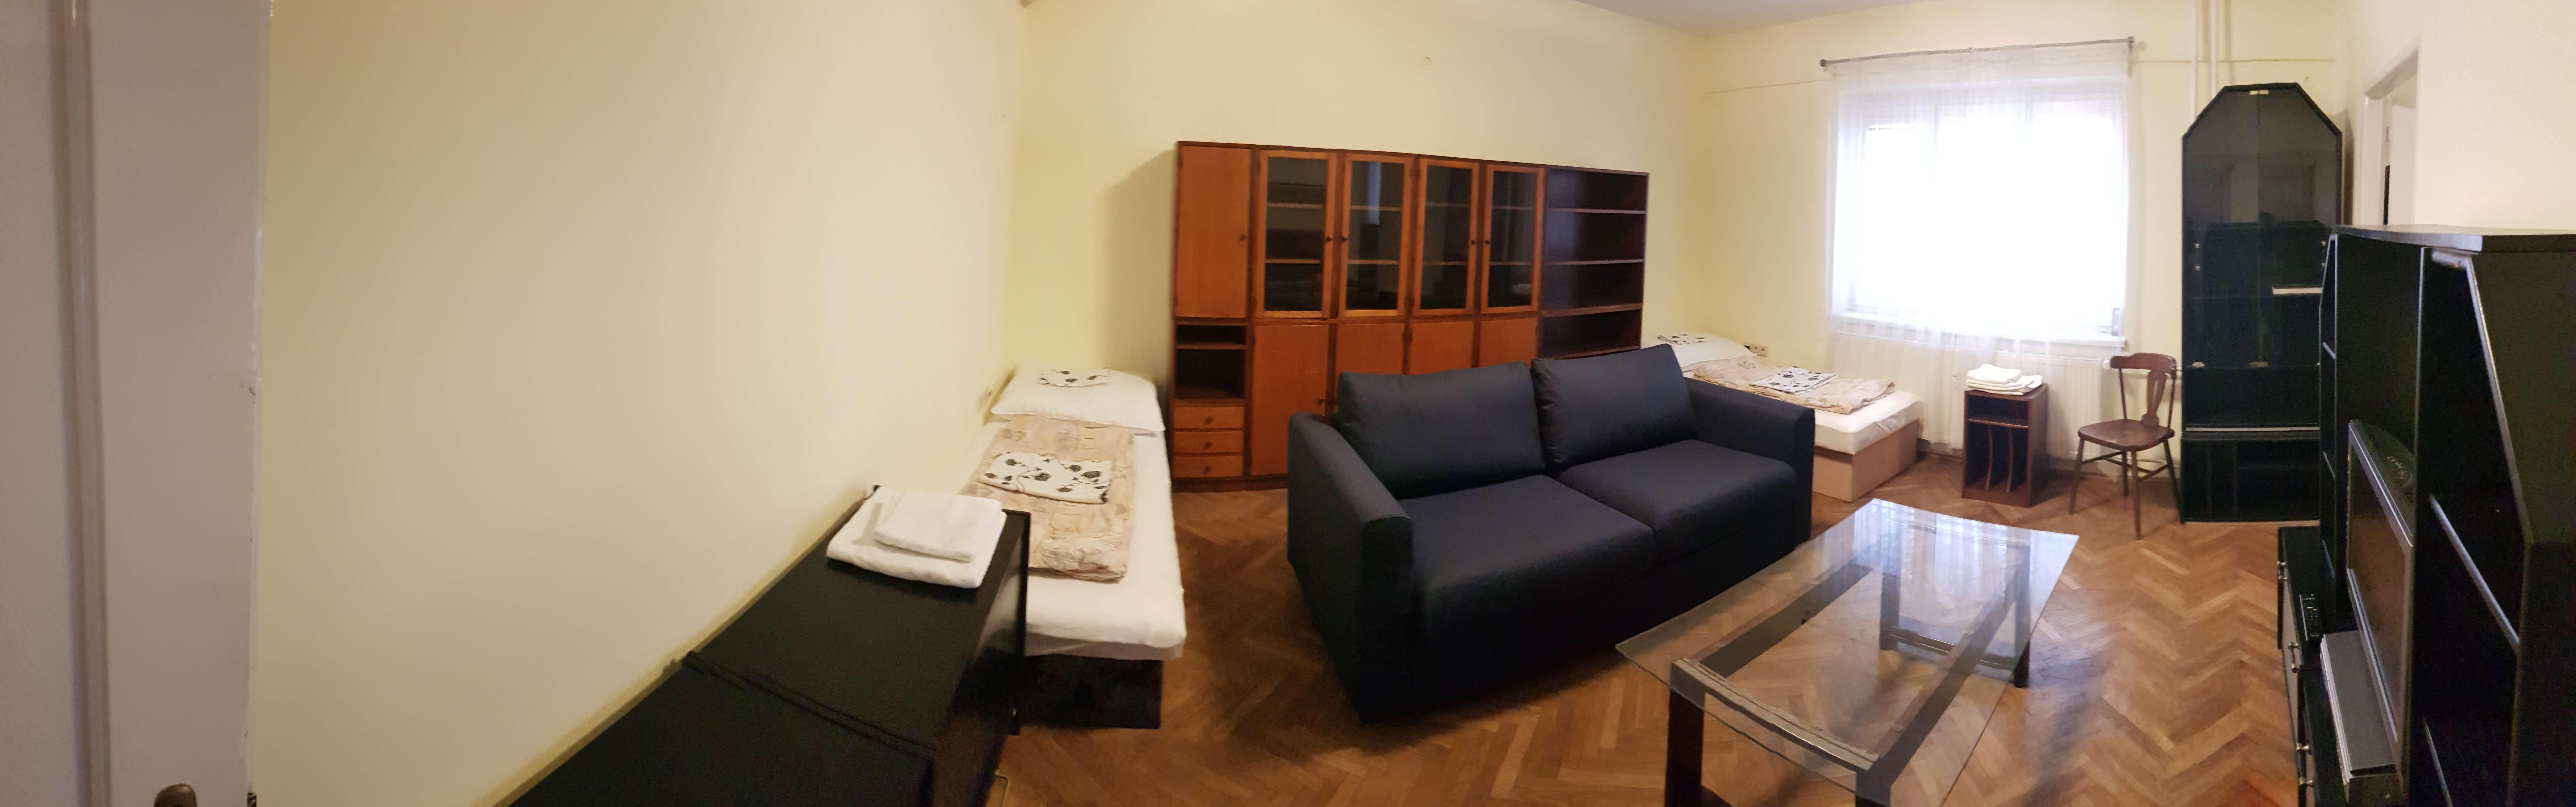 Predaj exkluzívneho 2 izb. bytu, staré mesto, Šancová ulica, Bratislava, 75m2, kompletne zariadený-36